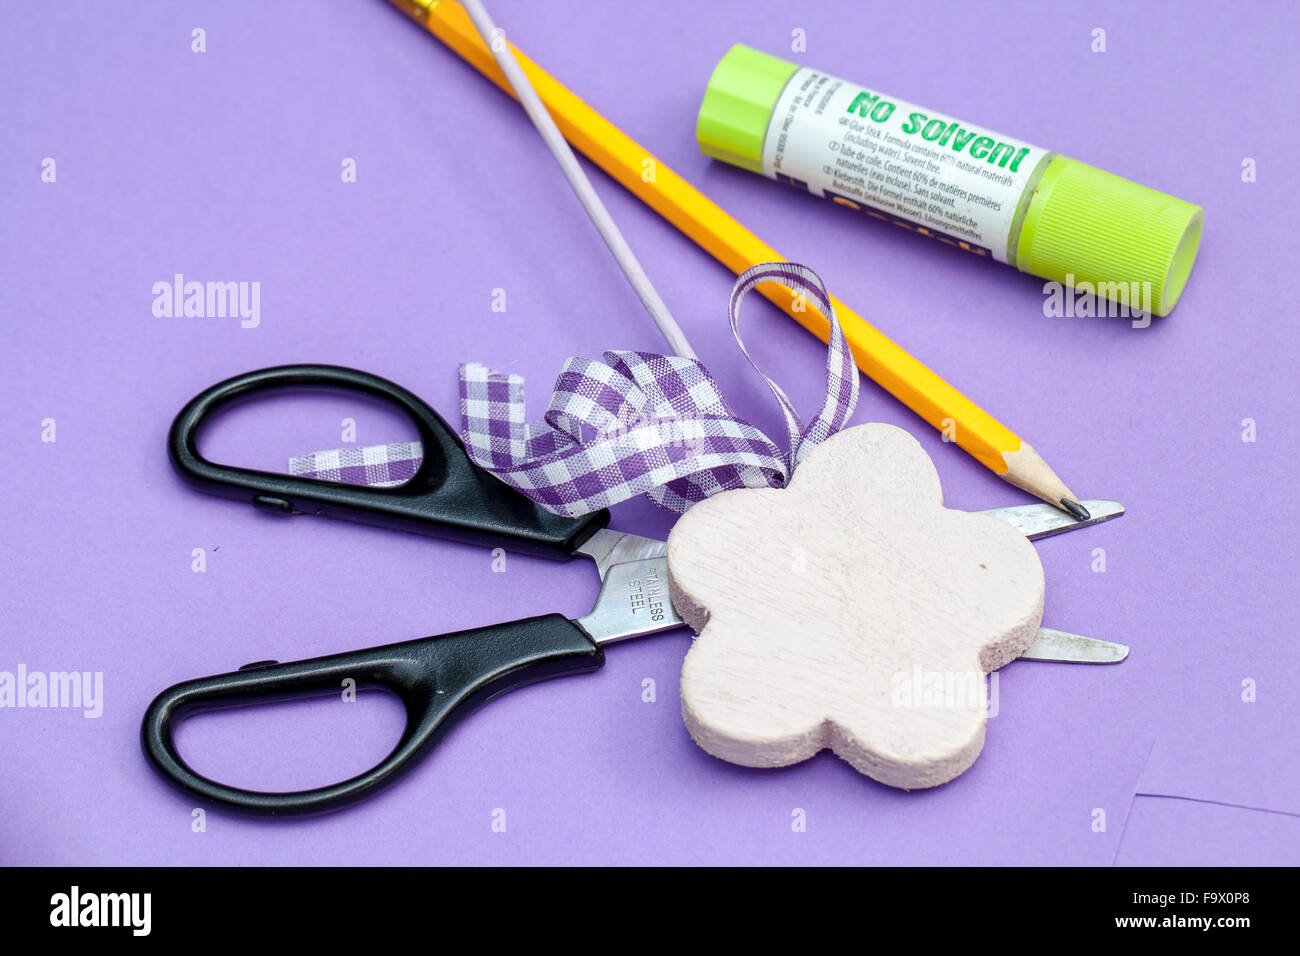 Beheben Sie Material Farbiges Papier Schere Kleber Weiss